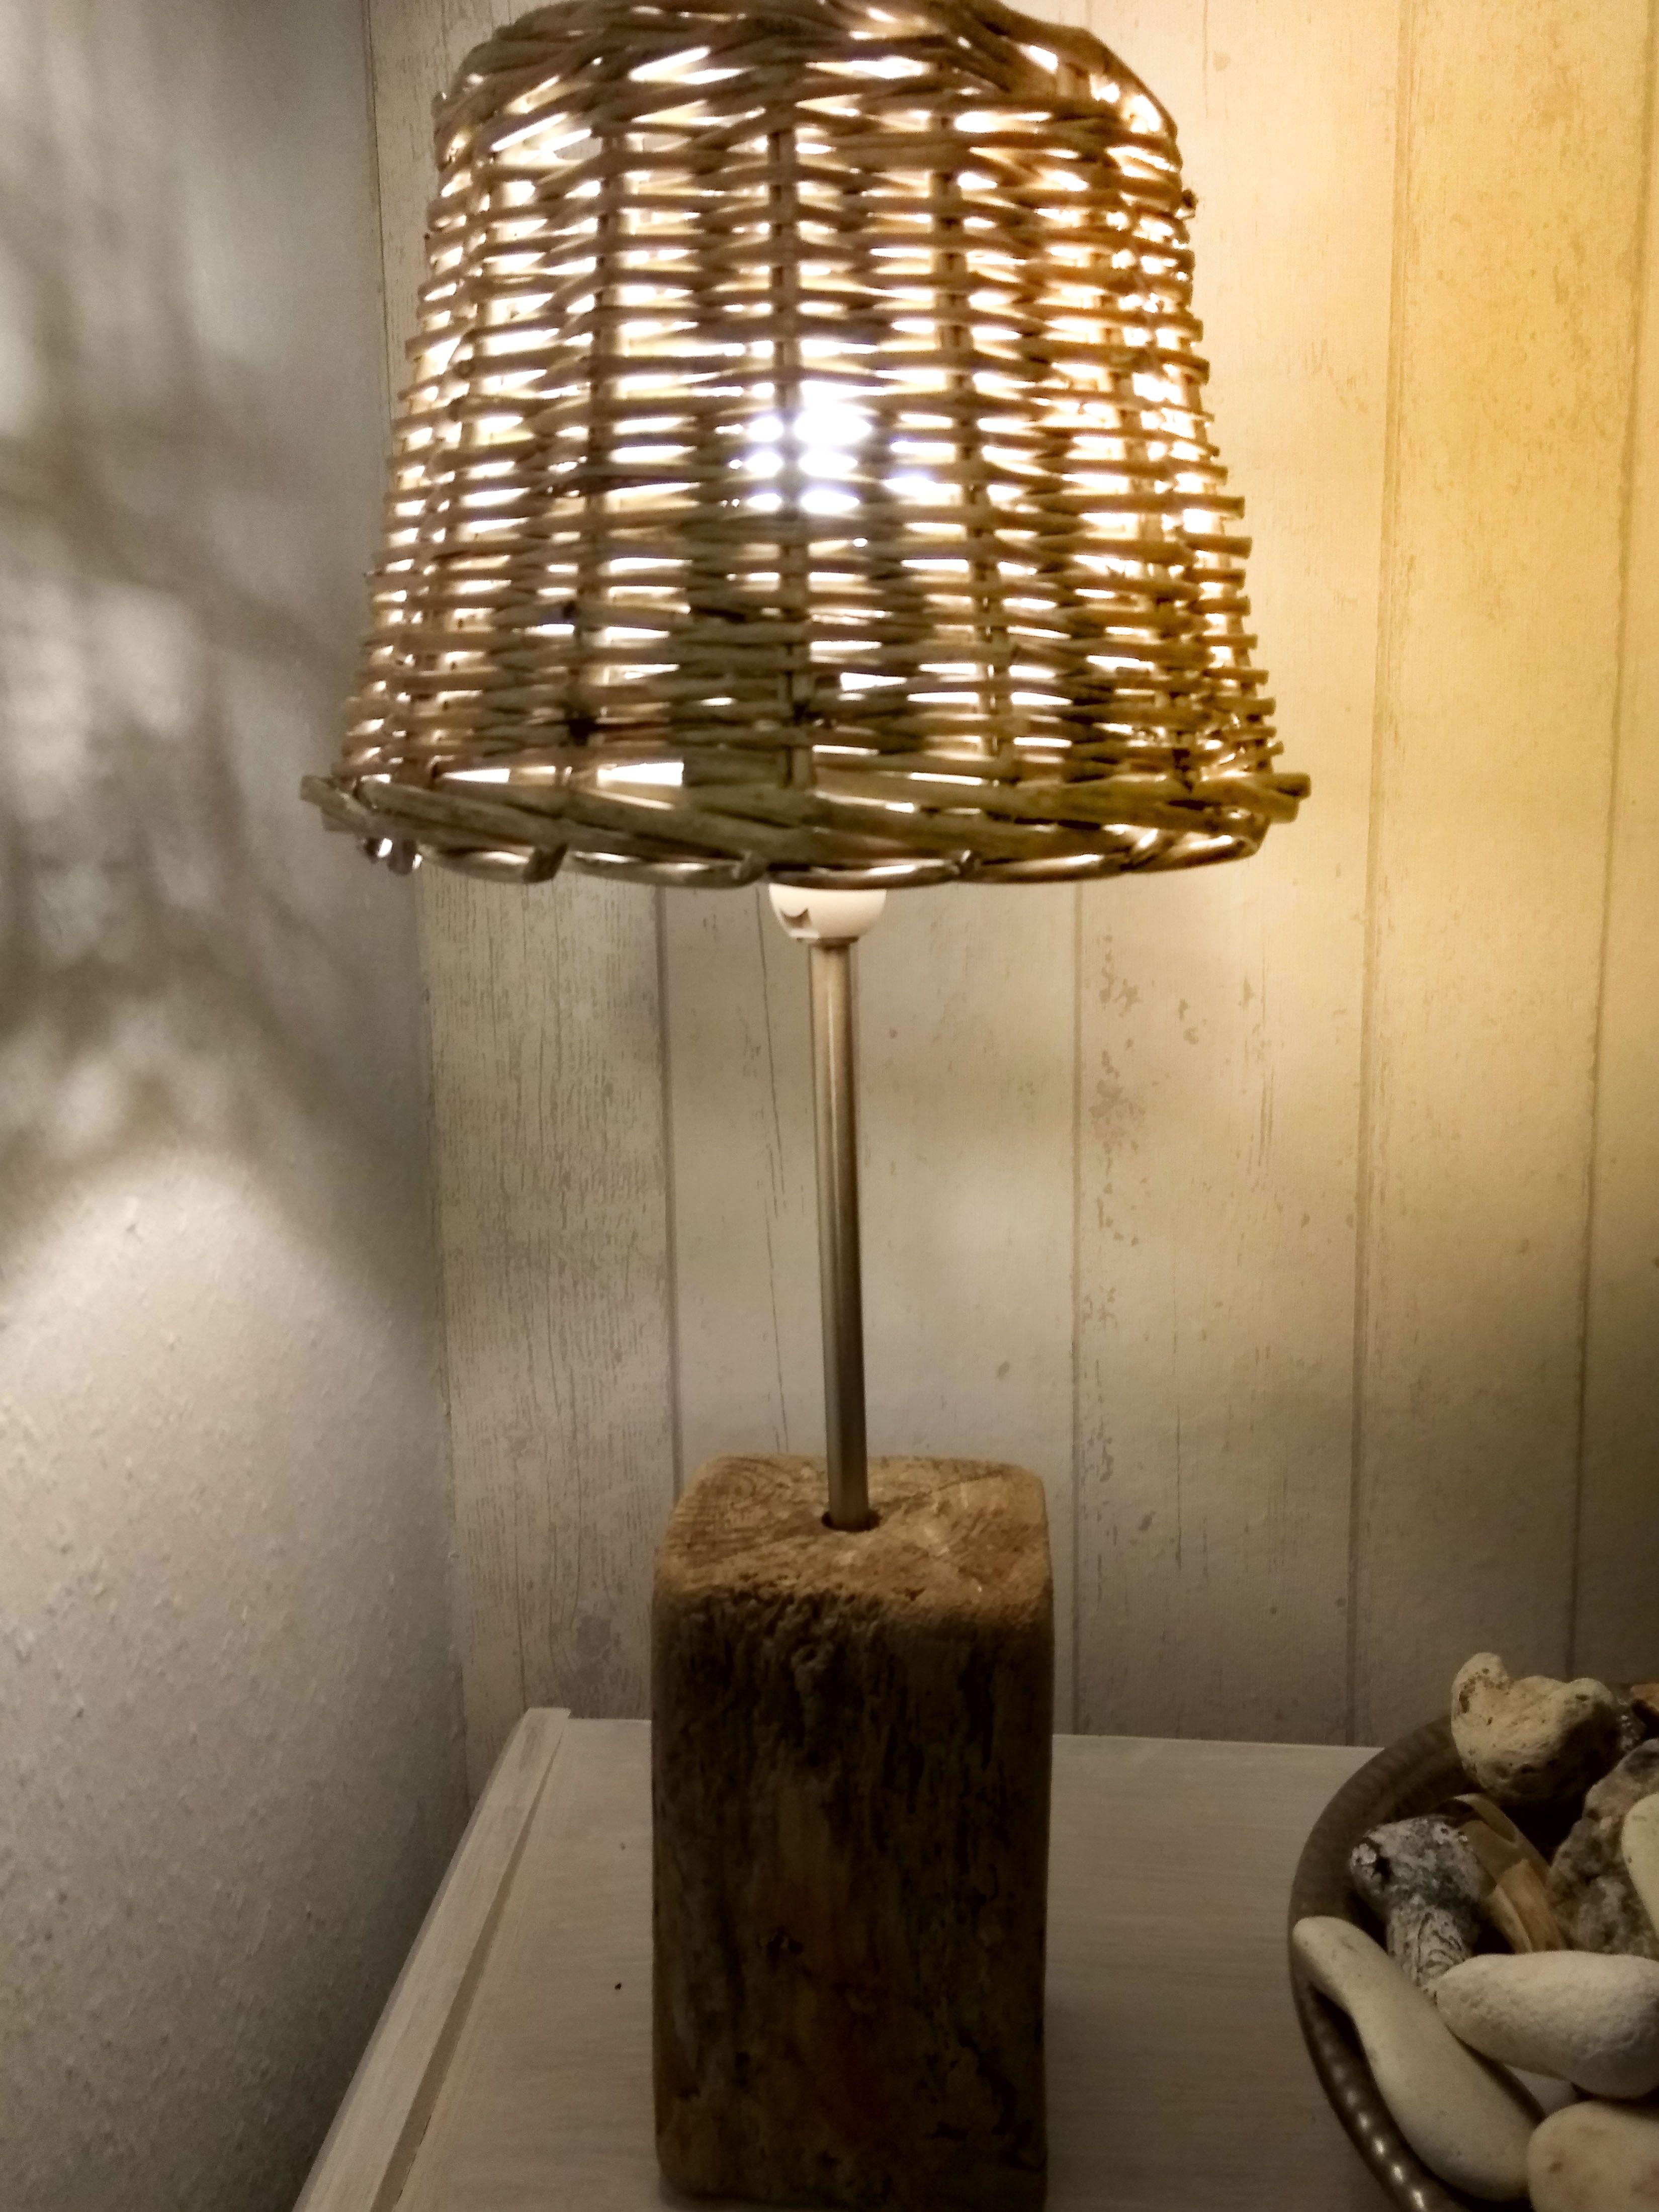 Treibholz,Treibholzlampe,Tischlampe mit einen Korblampenschirm ...